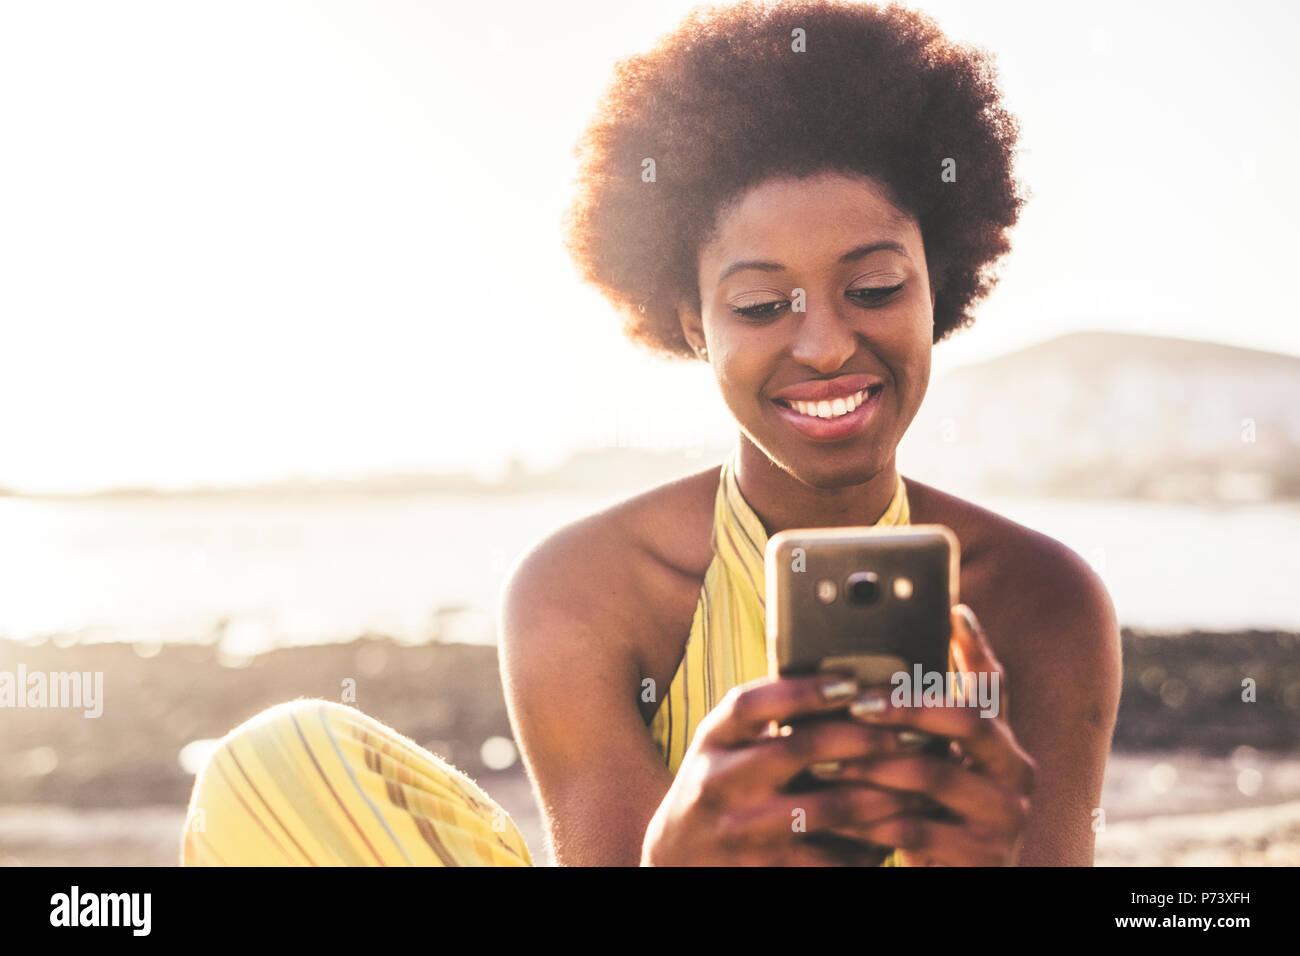 Belle jeune fille modèle rac noir cheveux africains utilisent la technologie de la téléphonie mobile pour écrire vos amis pendant les vacances. et l'éclairage de l'océan en arrière-plan, o Photo Stock